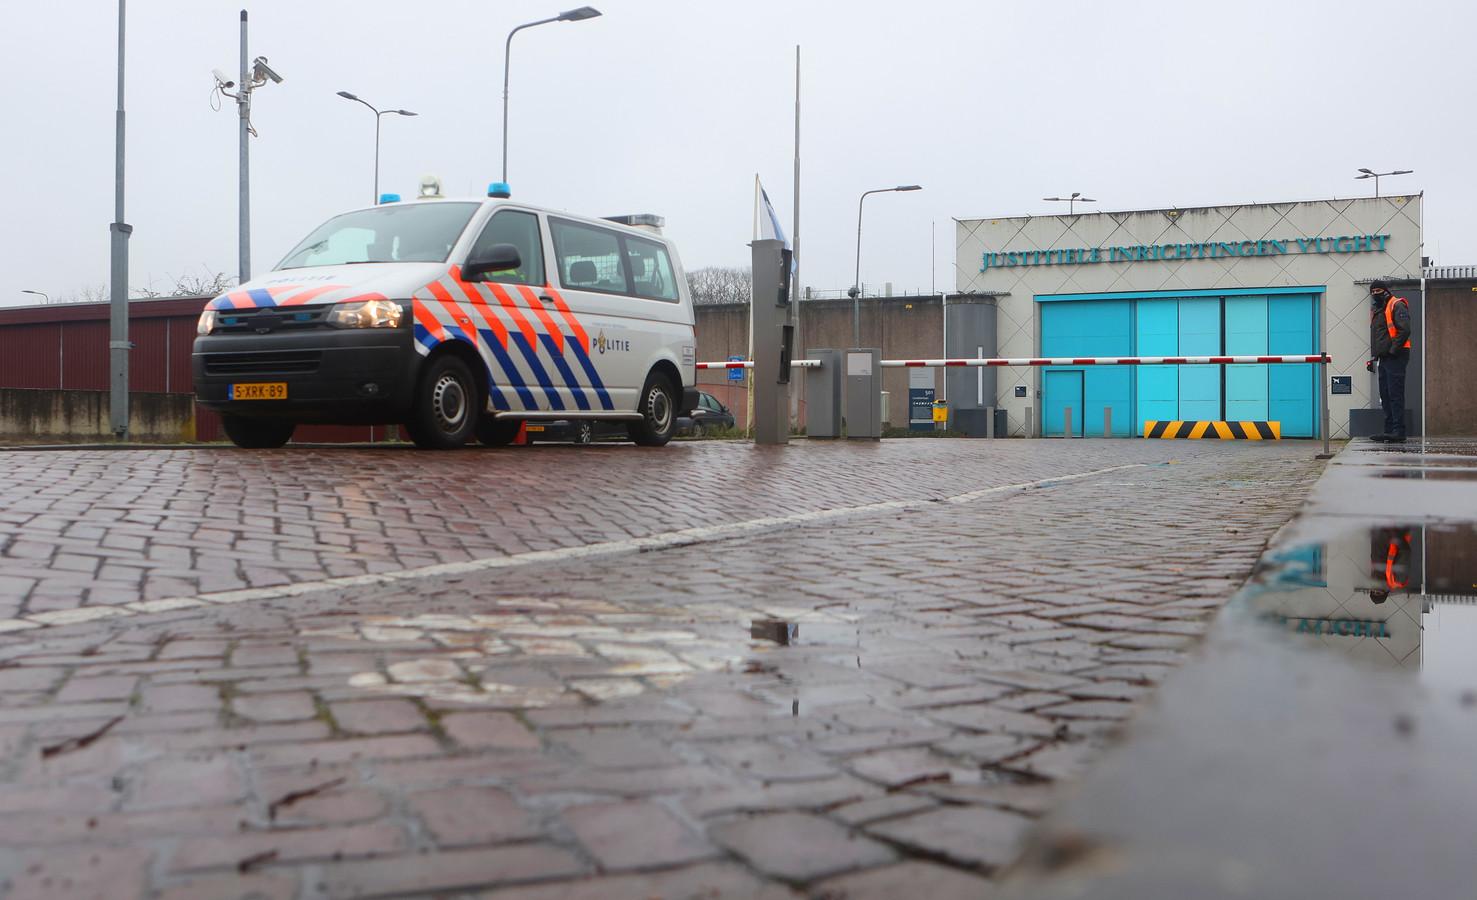 Een medewerker van de PI Vught is zondag mishandeld door een gevangene.